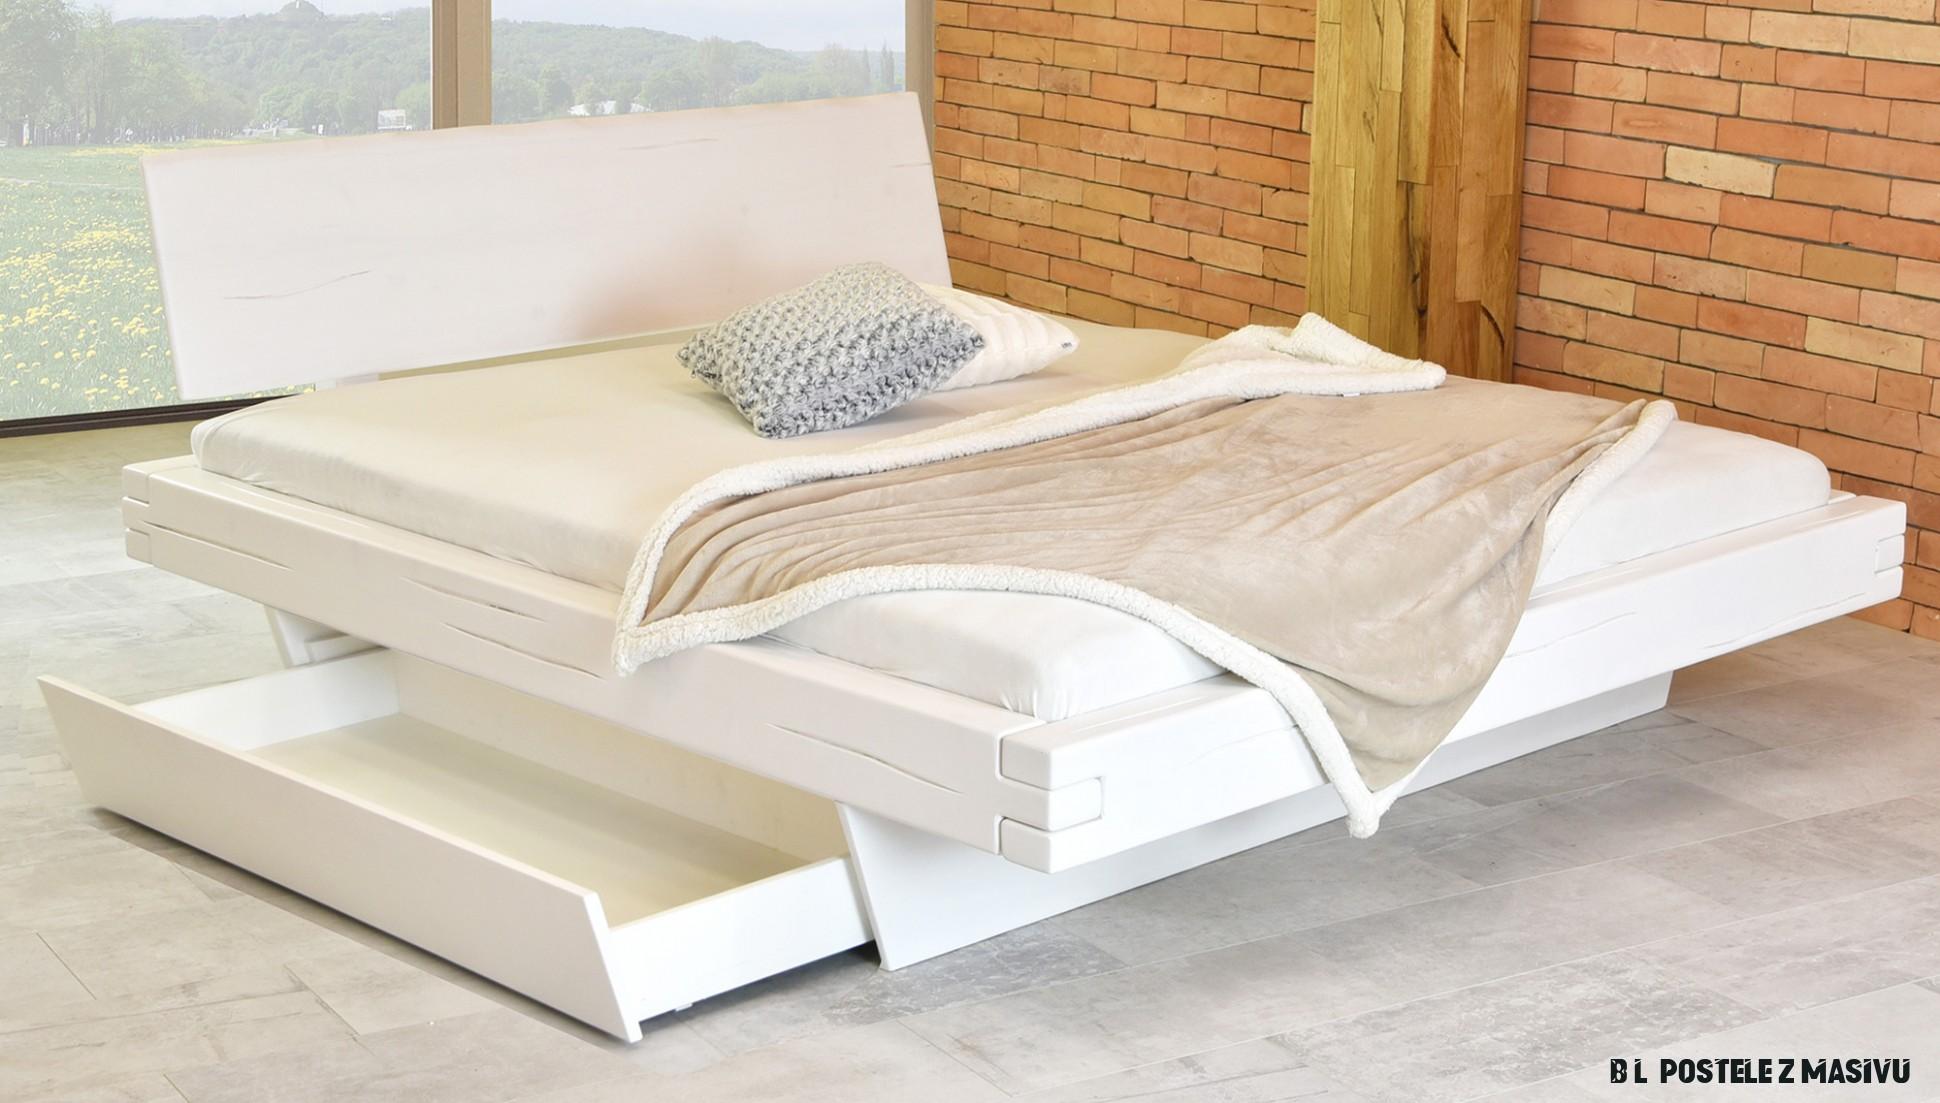 Bílá postel z masivu s úložným prostorem, Matus - Nábytek Mirek